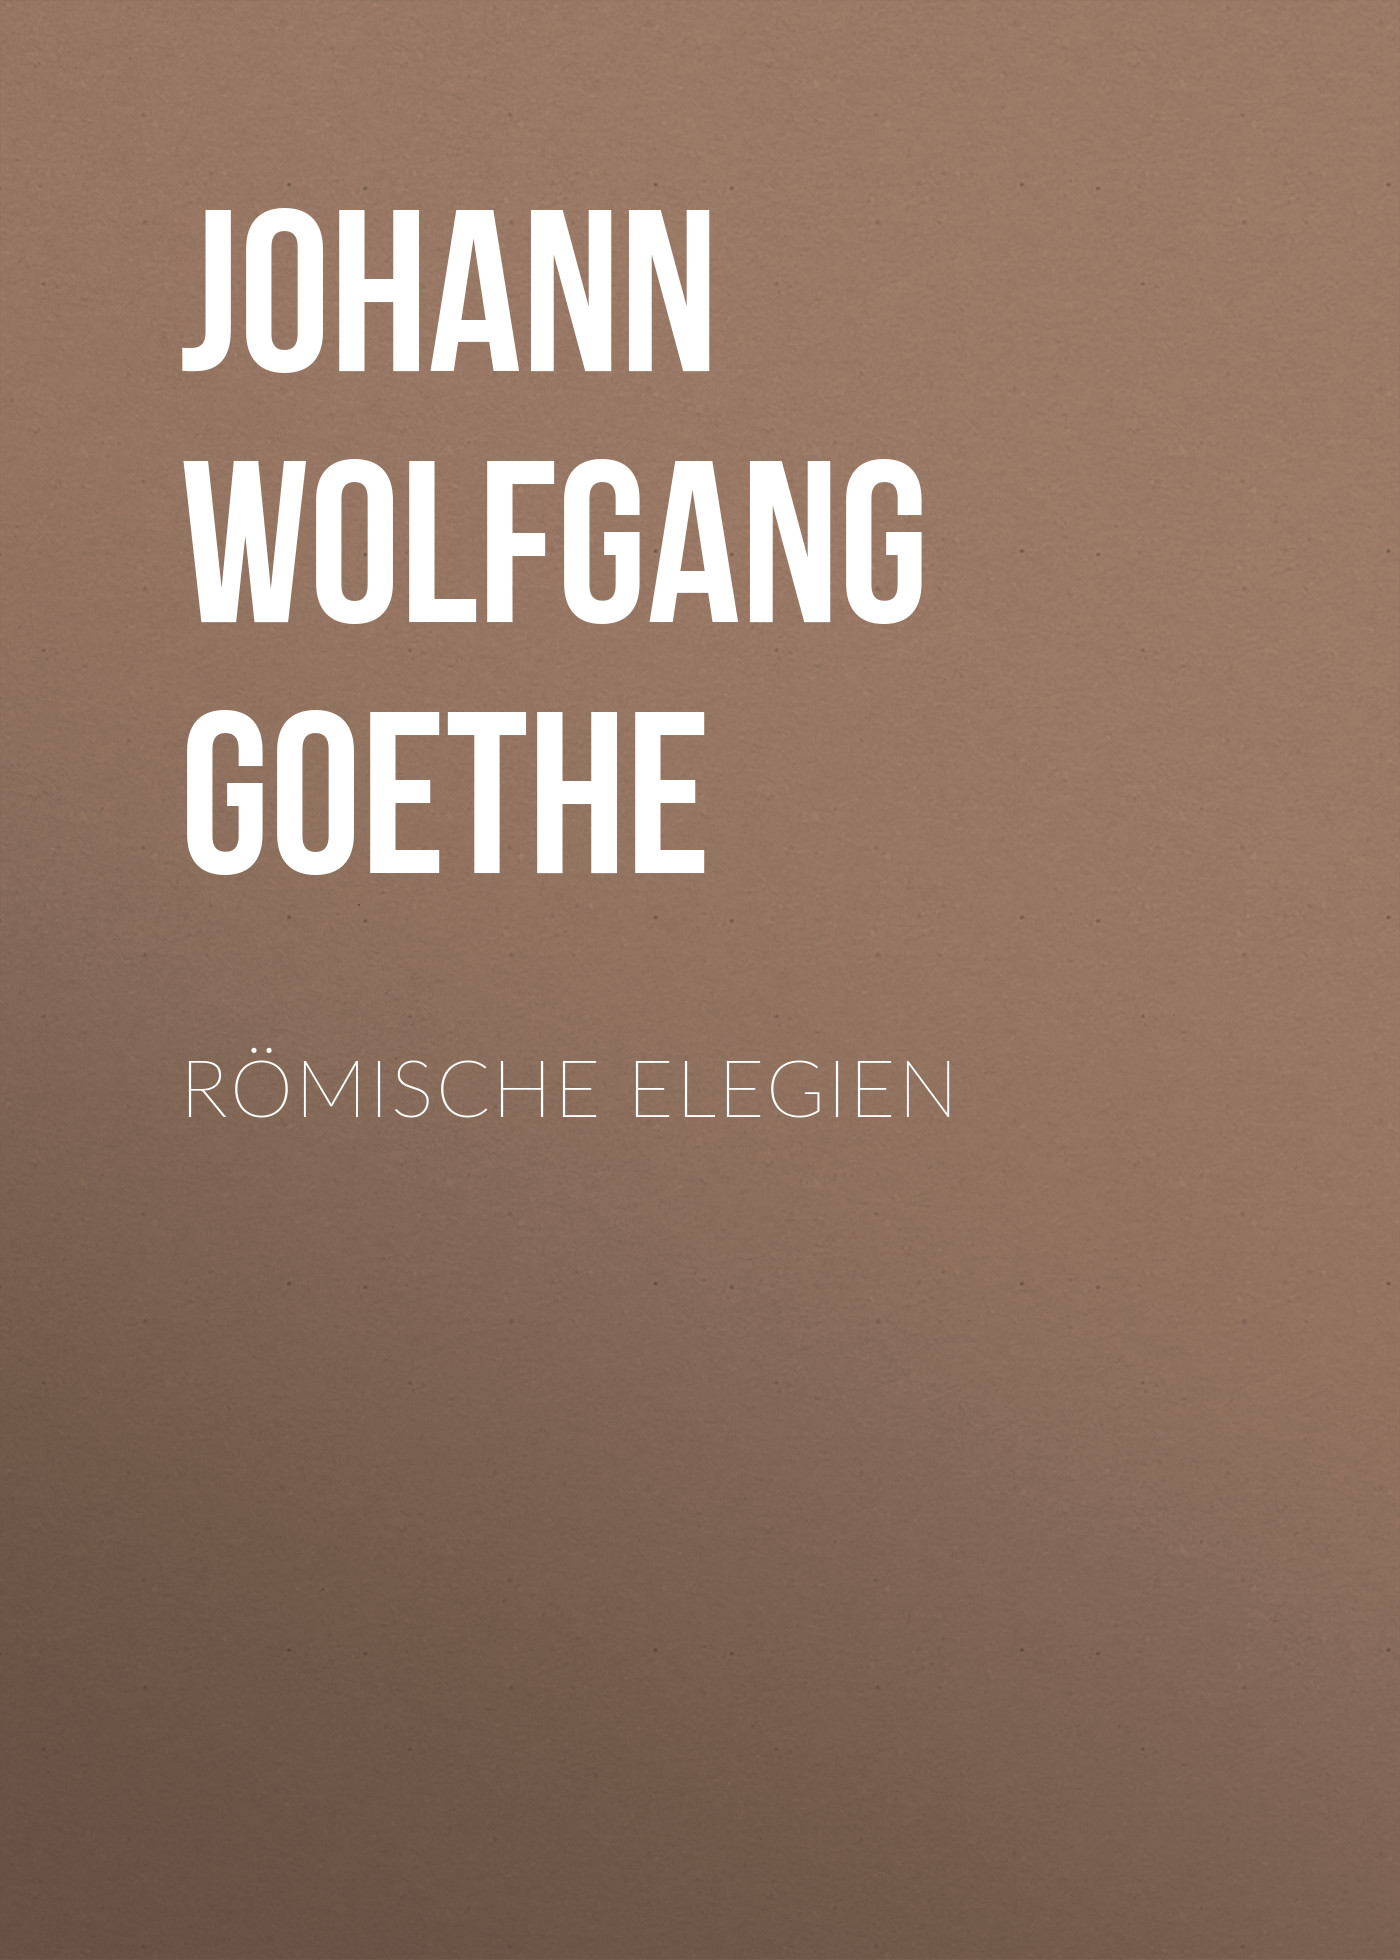 Иоганн Вольфганг фон Гёте Römische Elegien иоганн вольфганг фон гёте die aufgeregten